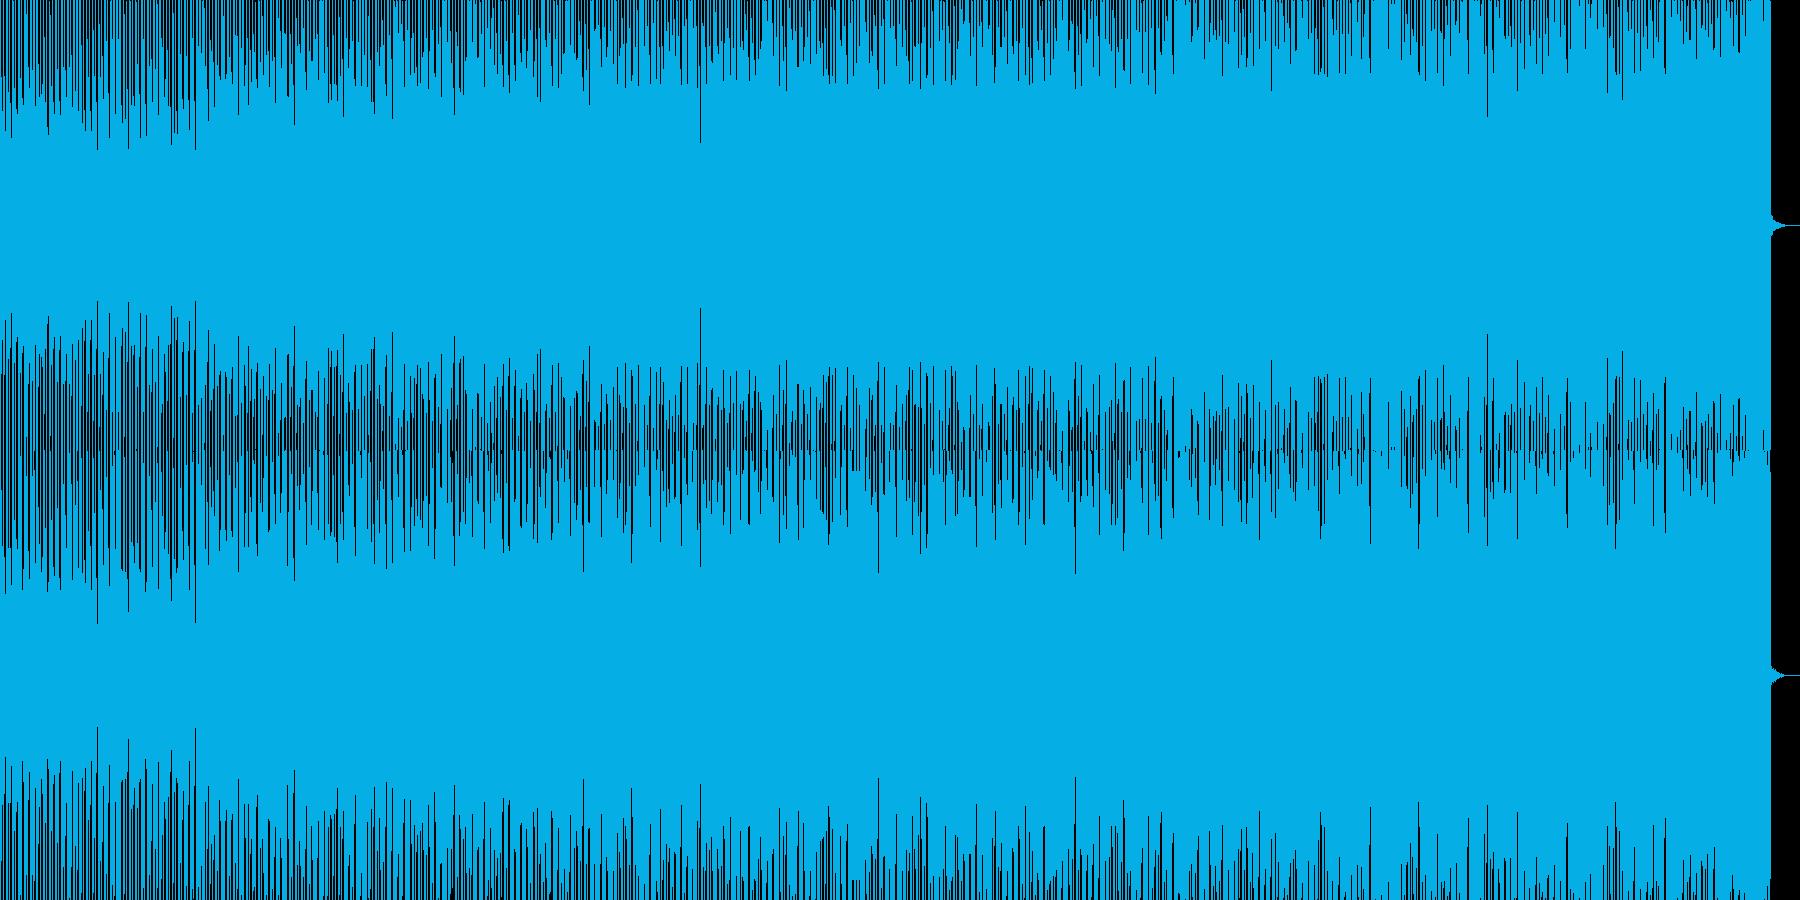 突き抜けるシンセのメロが気持ちいいビートの再生済みの波形